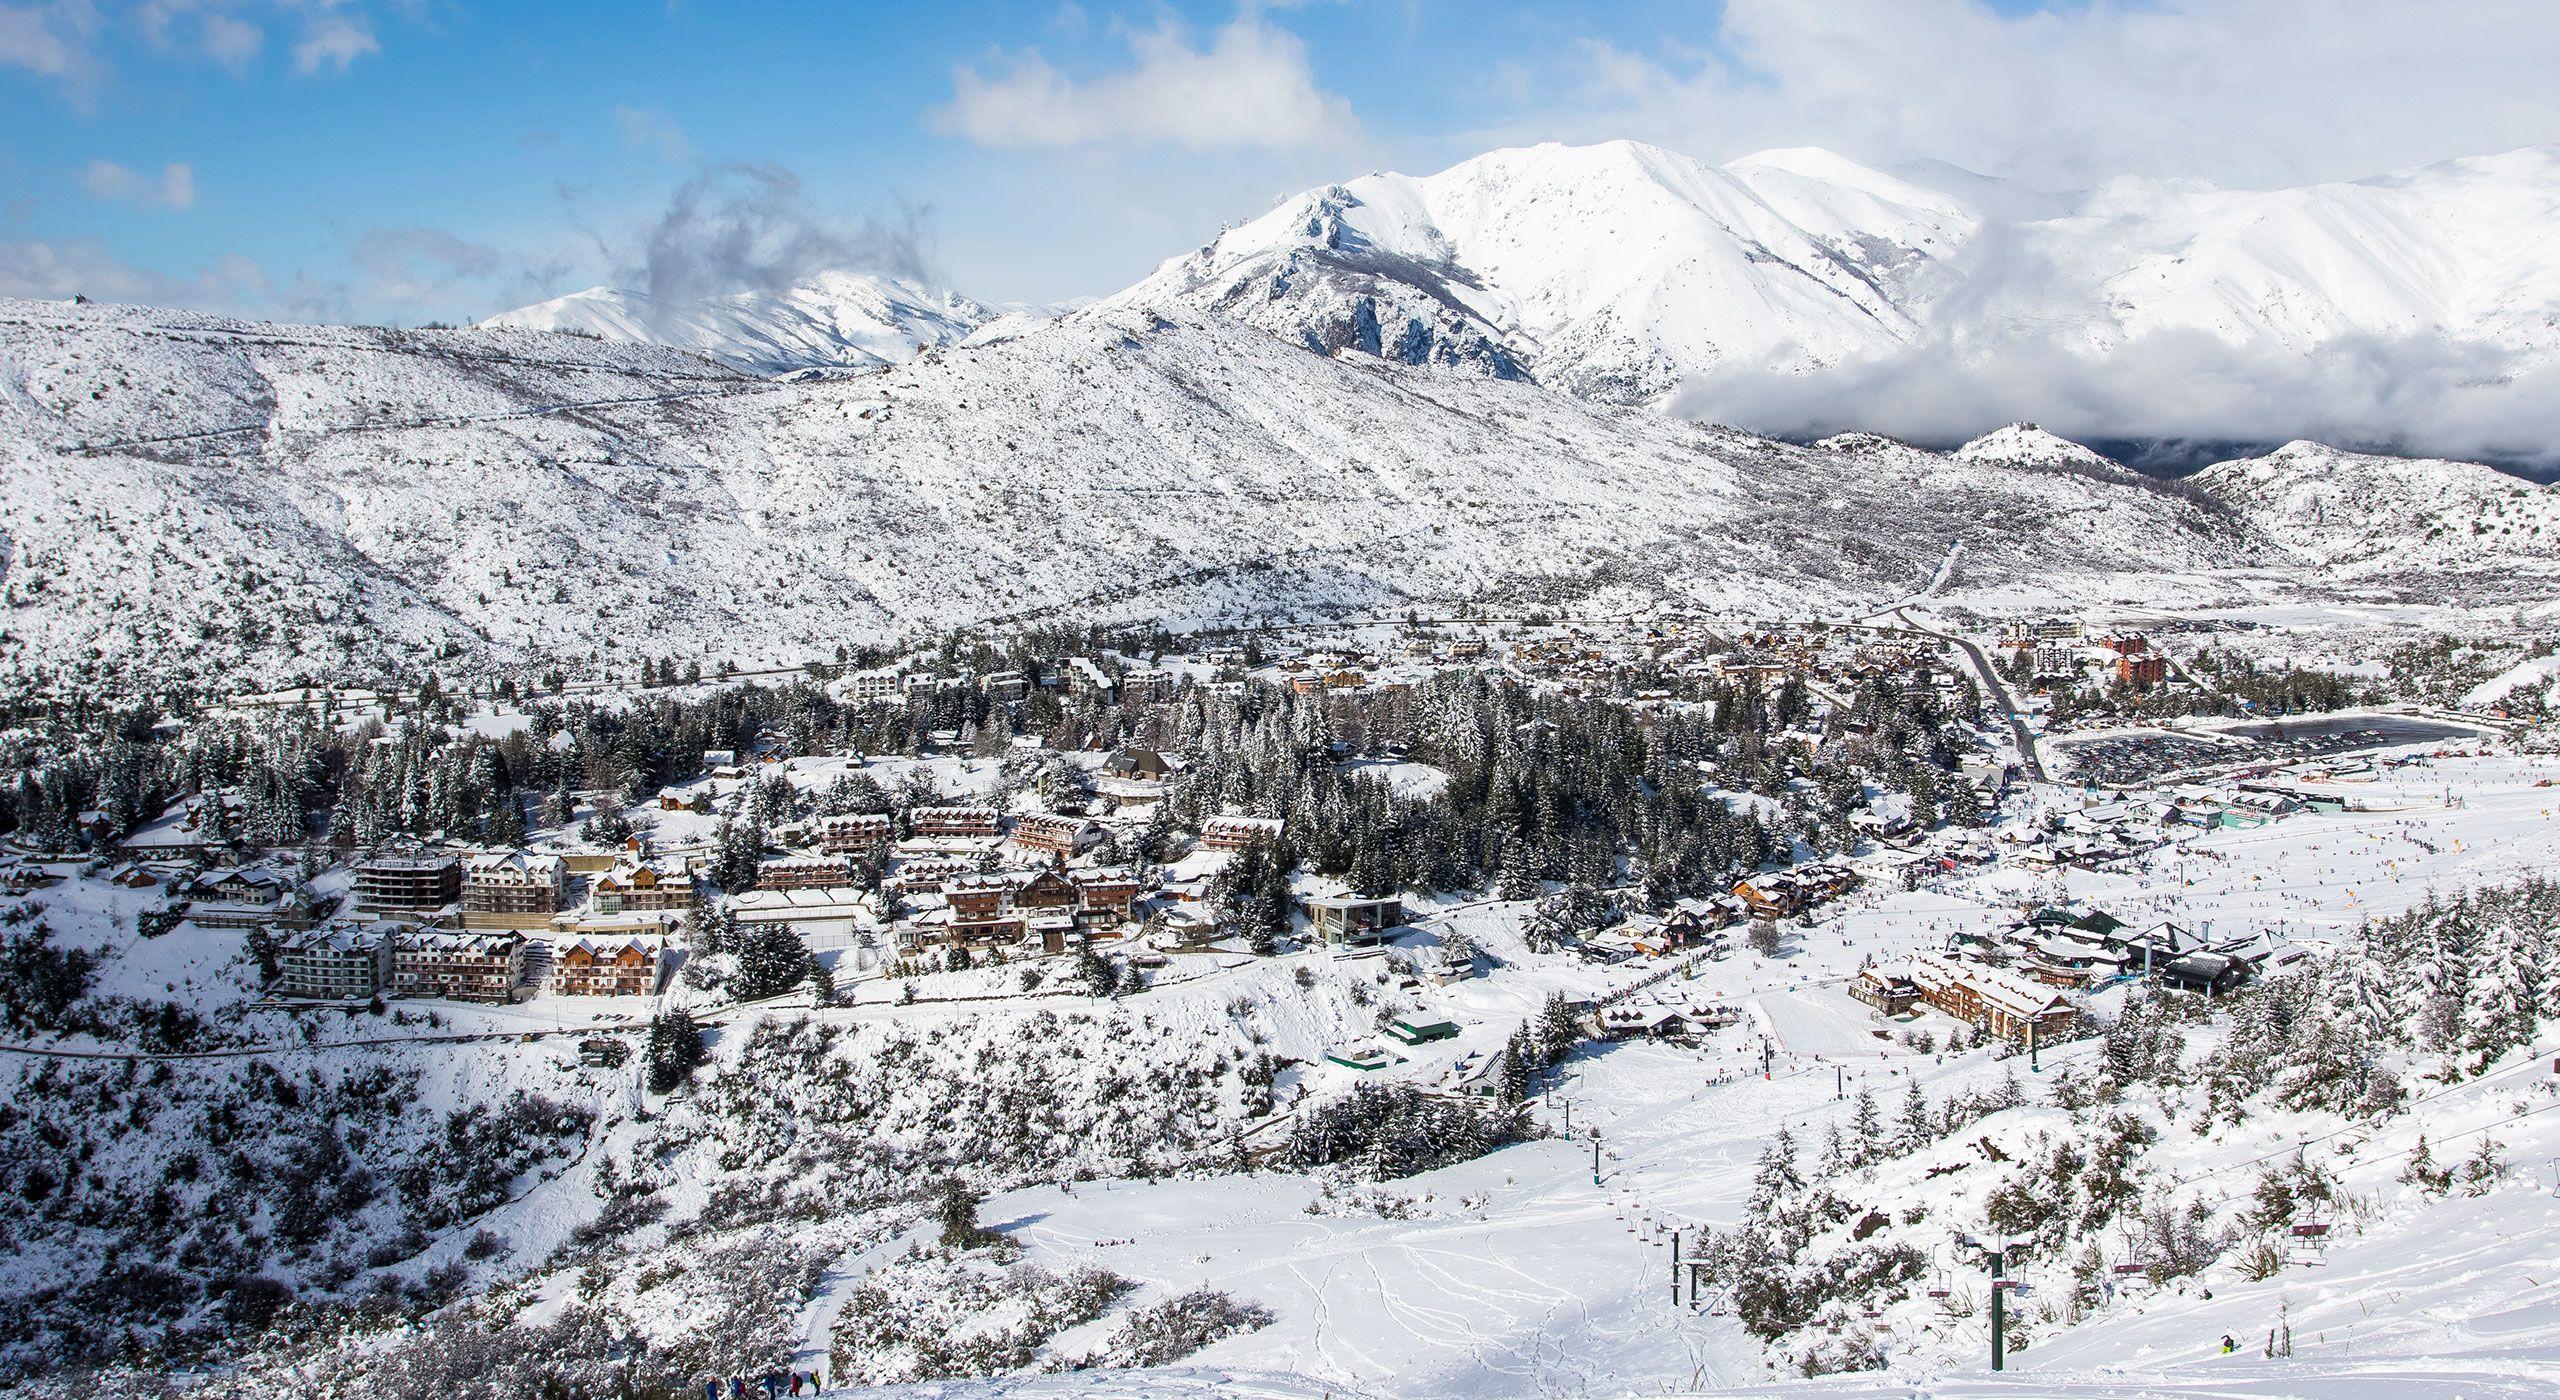 argentina's cerro catedral offers a truly unique ski resort